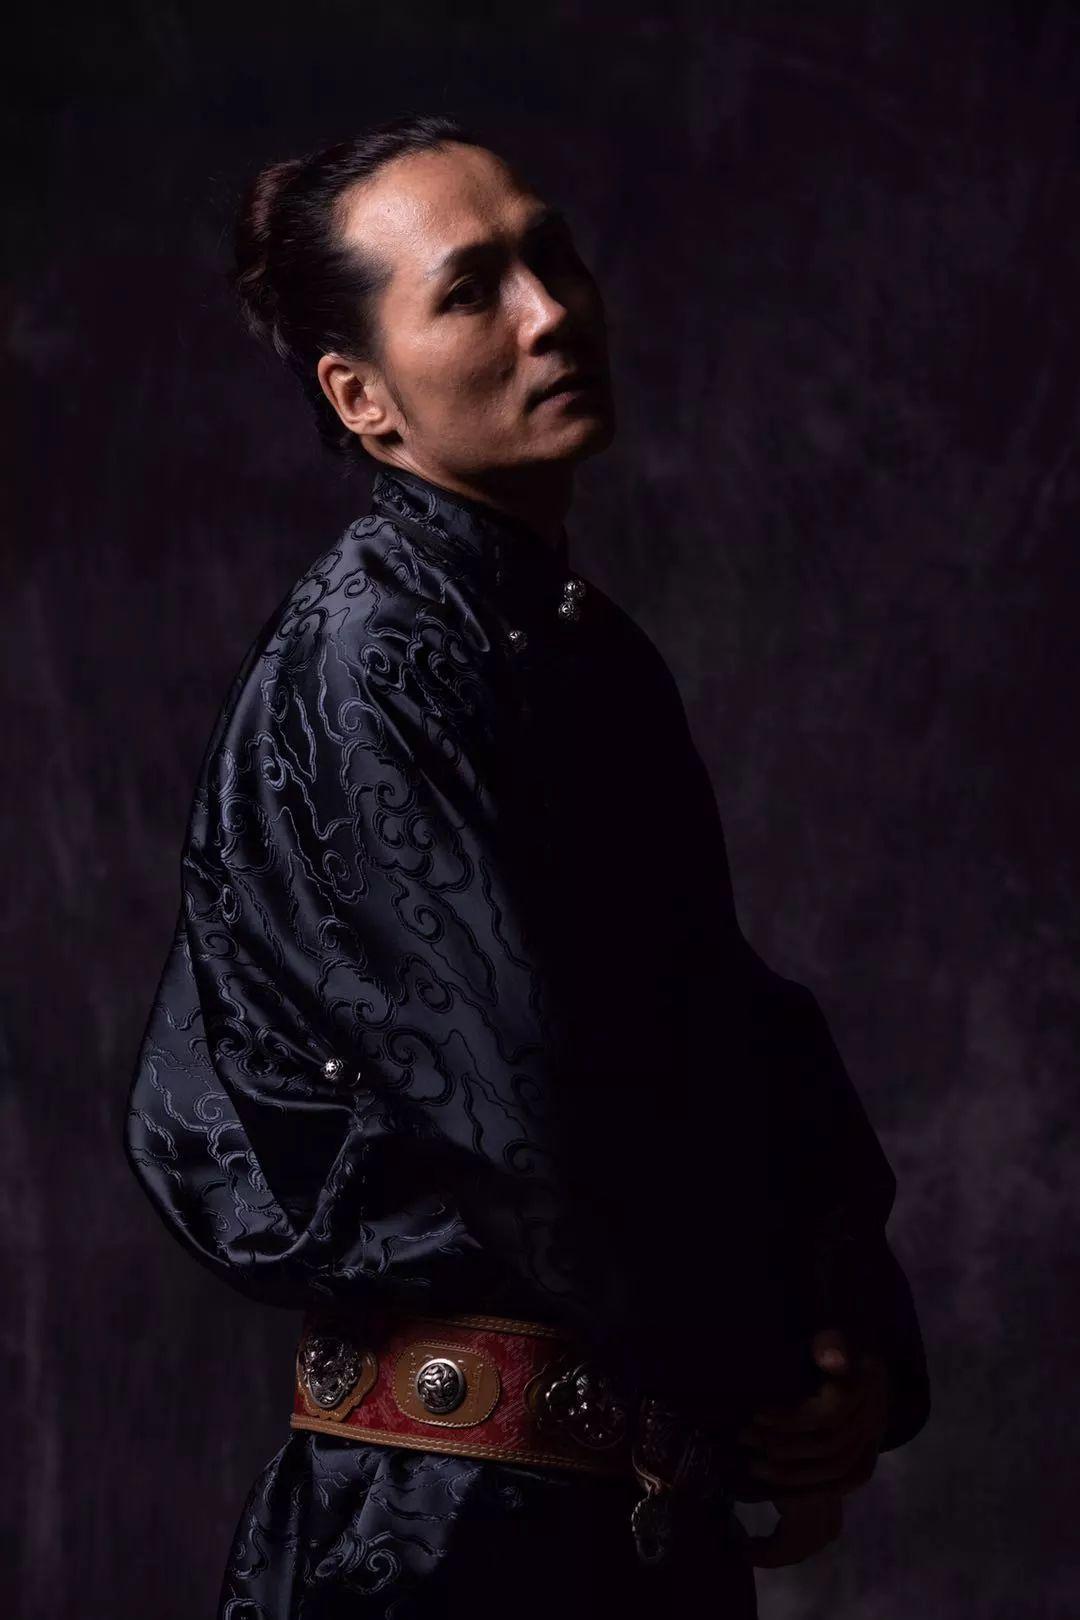 【蒙古音乐】锡林宝乐尔最新单曲《觉醒》蒙汉双语版重磅首发 第2张